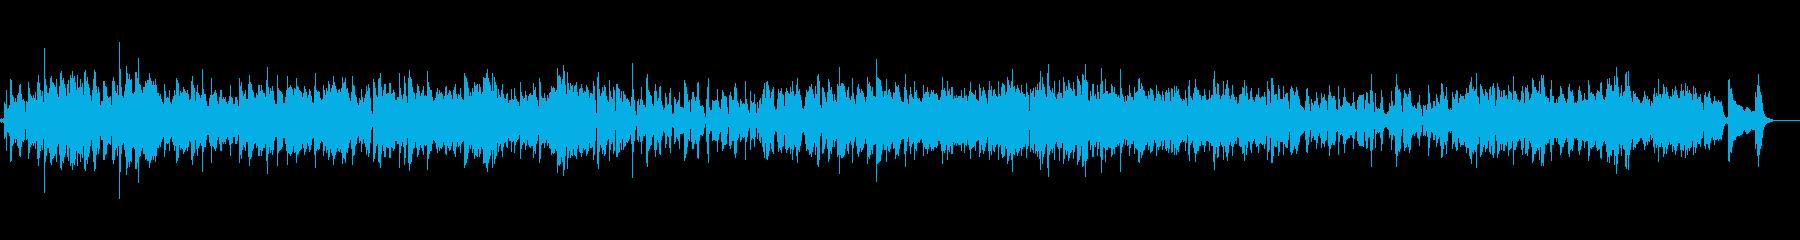 軽快なストロークのアコースティックギターの再生済みの波形